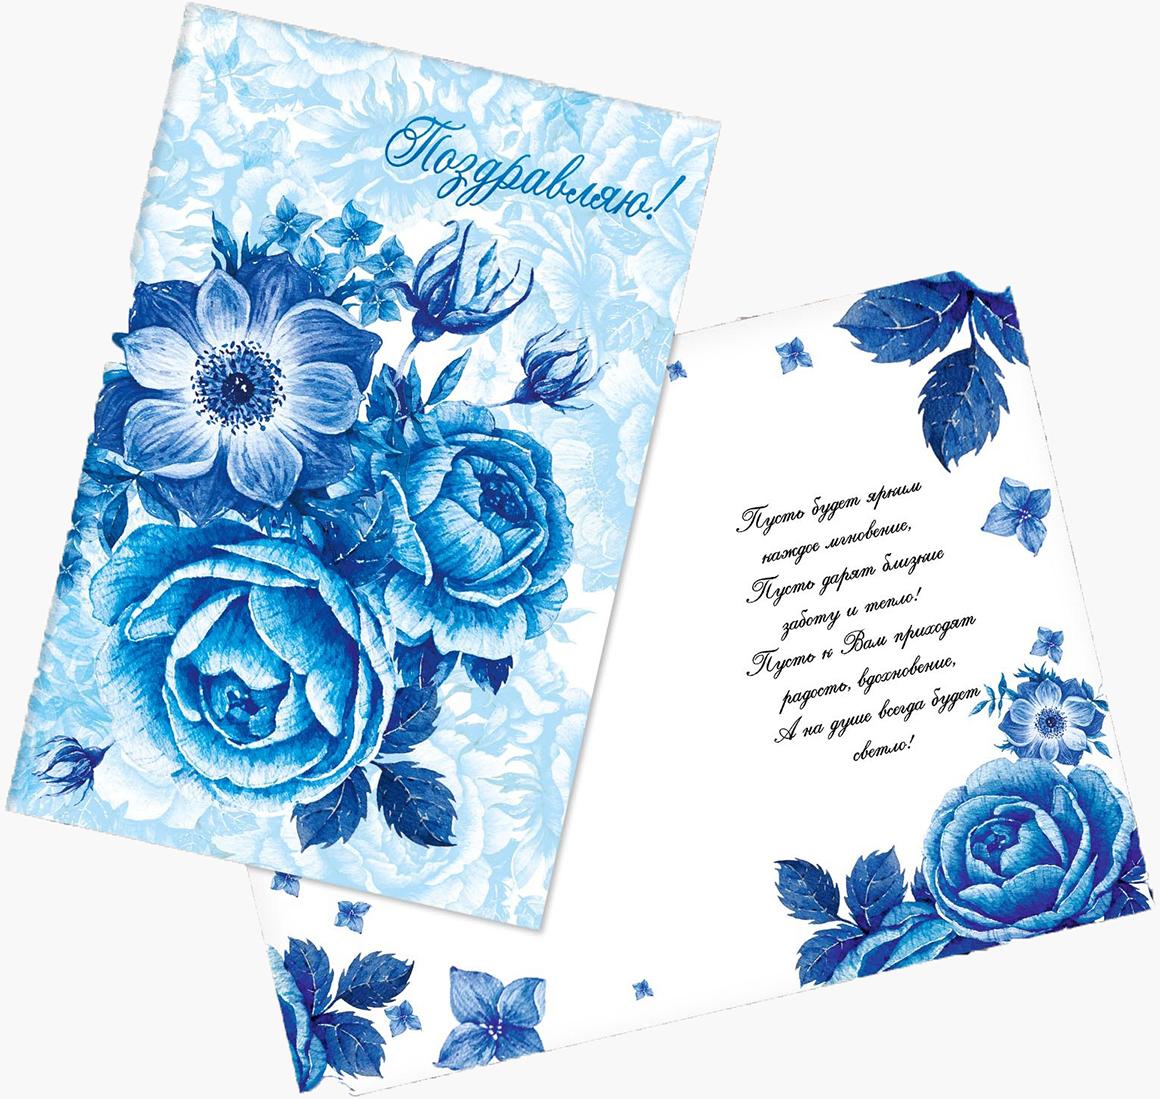 Открытка Дарите Счастье Поздравляю. Ультрамариновые цветы, 12 х 18 см2896100Выразить свои чувства и дополнить основной подарок тёплыми словами вам поможет Открытка . С ней ваше пожелание «Счастья, любви и здоровья» приобретёт трепетный и душевный подтекст. А воспоминания о праздничном дне ещё долго будут радовать адресата.Среди нашего ассортимента печатной поздравительной продукции вы выберете открытку для любого праздника и повода.